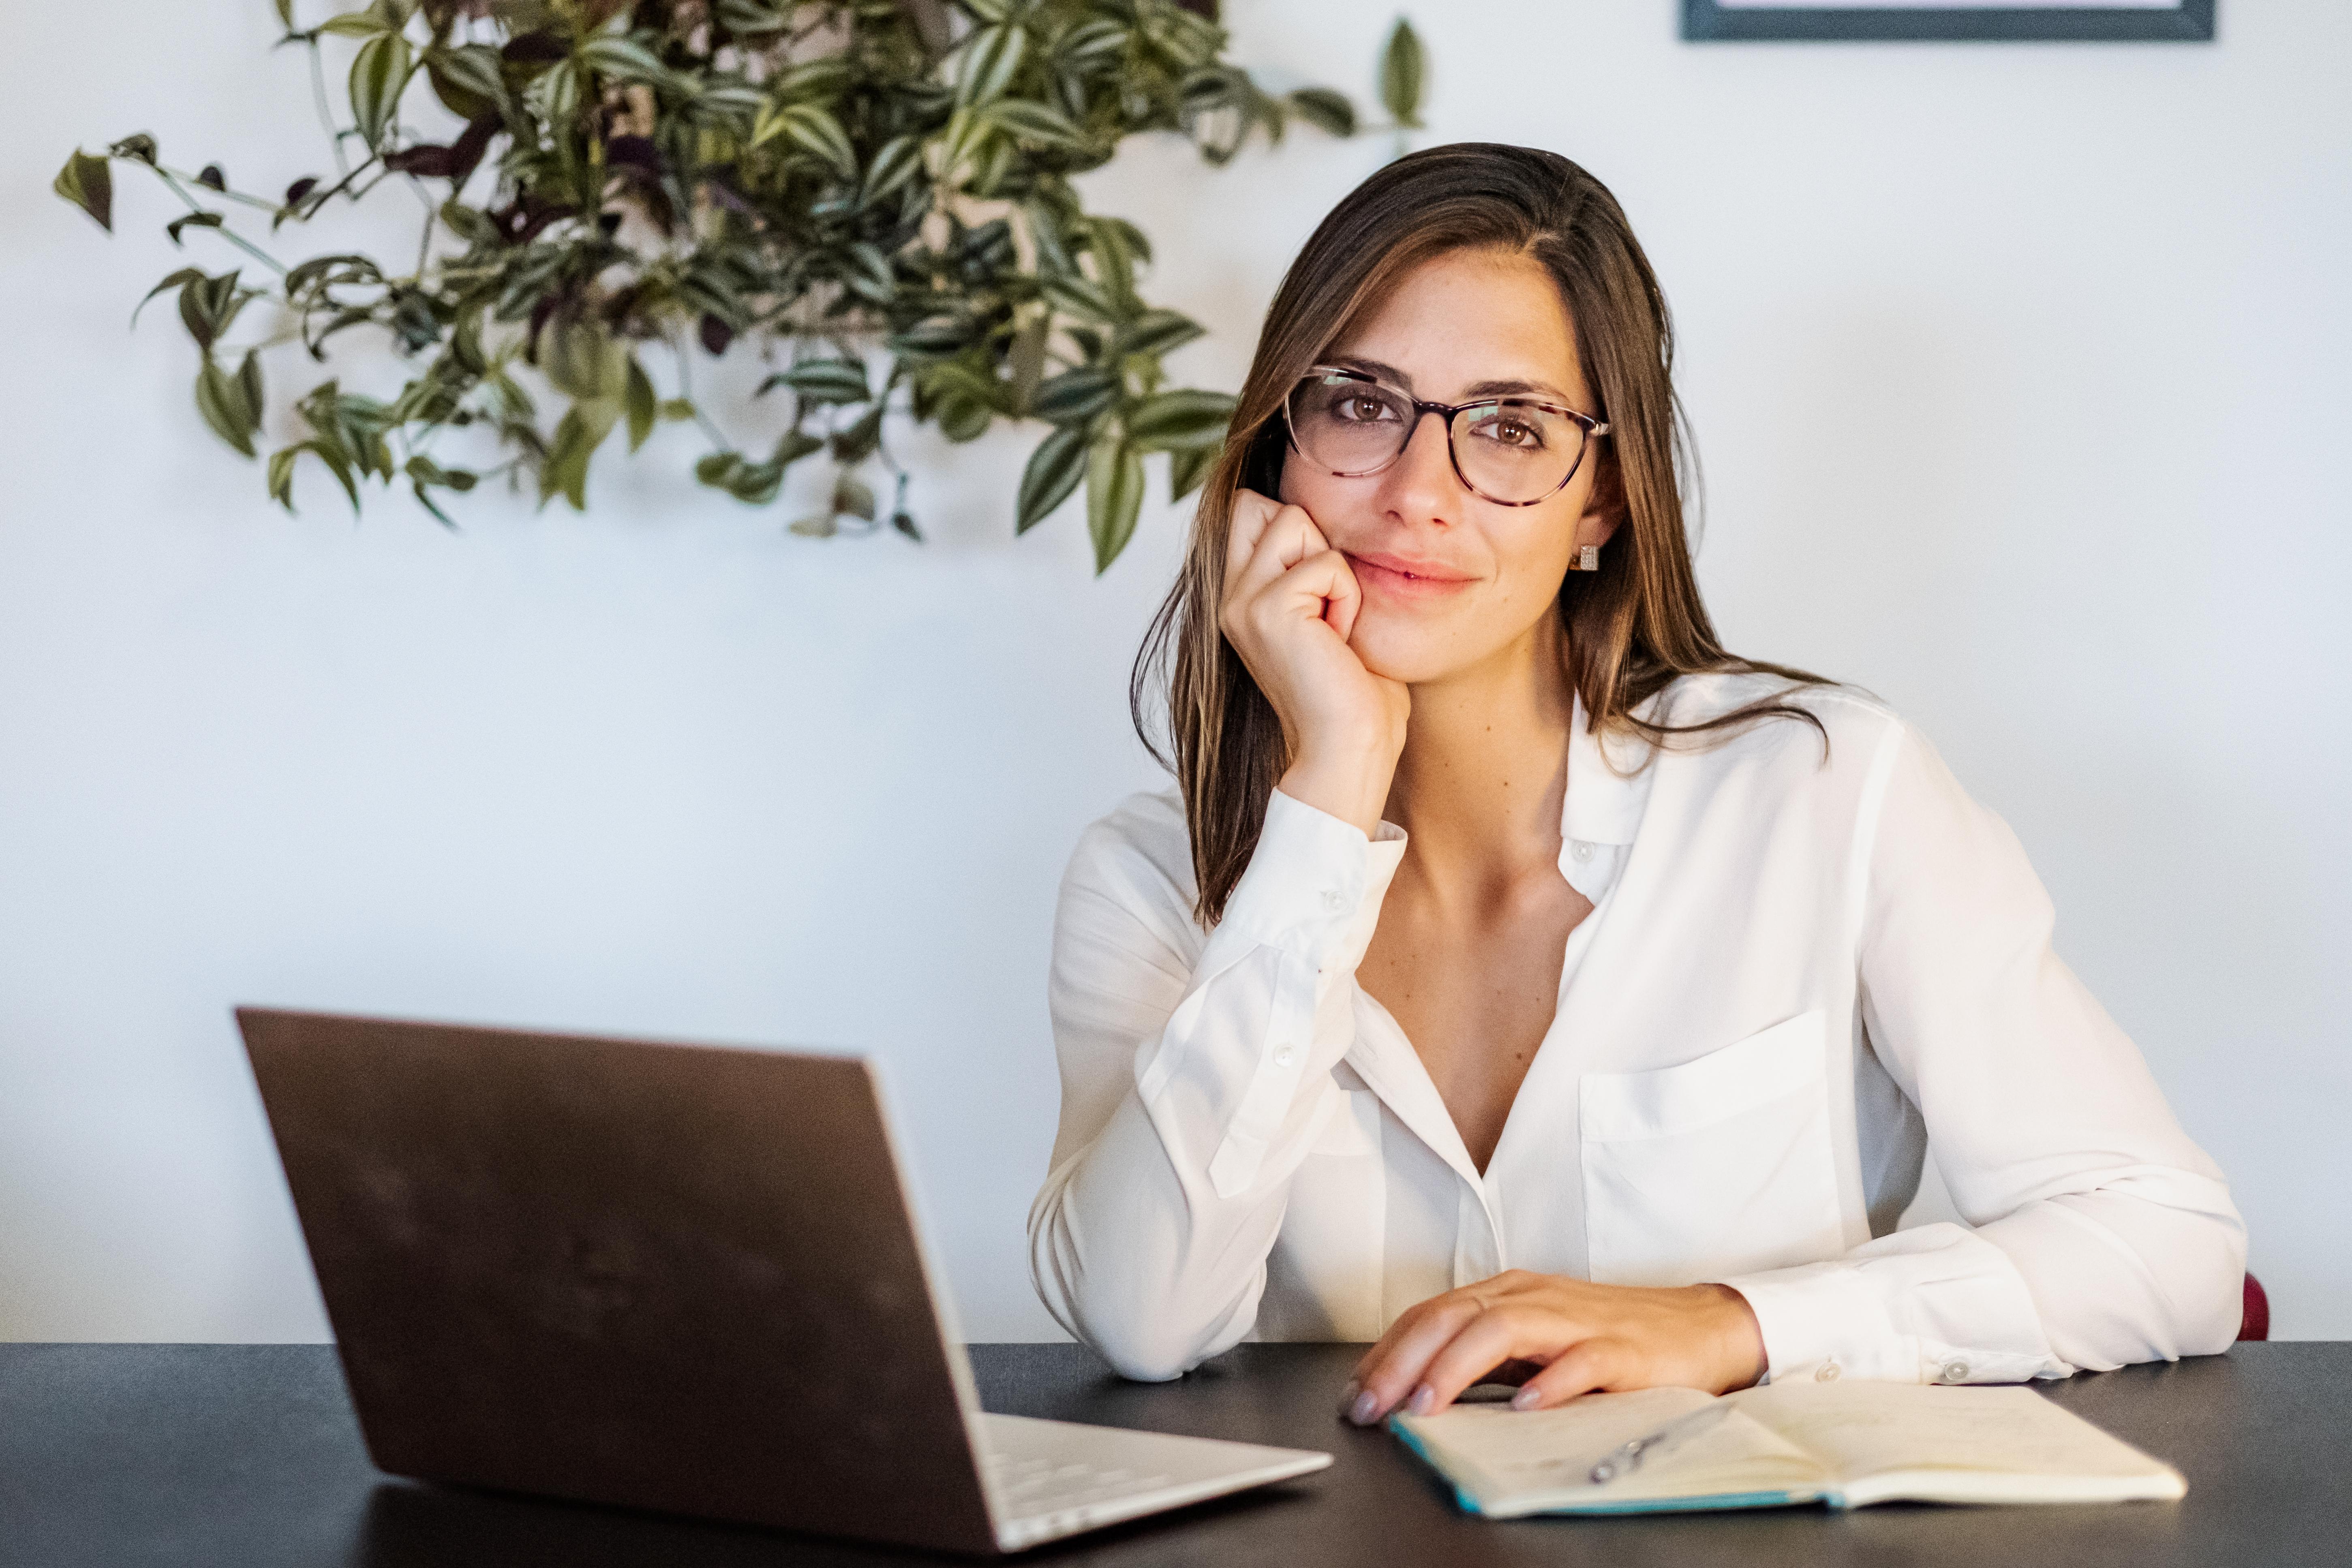 Stephanie von Staa Toledo: fundadora e CEO da Oya Care, empresa que aposta na tecnologia para dar mais autonomia à mulher em relação a sua saúde